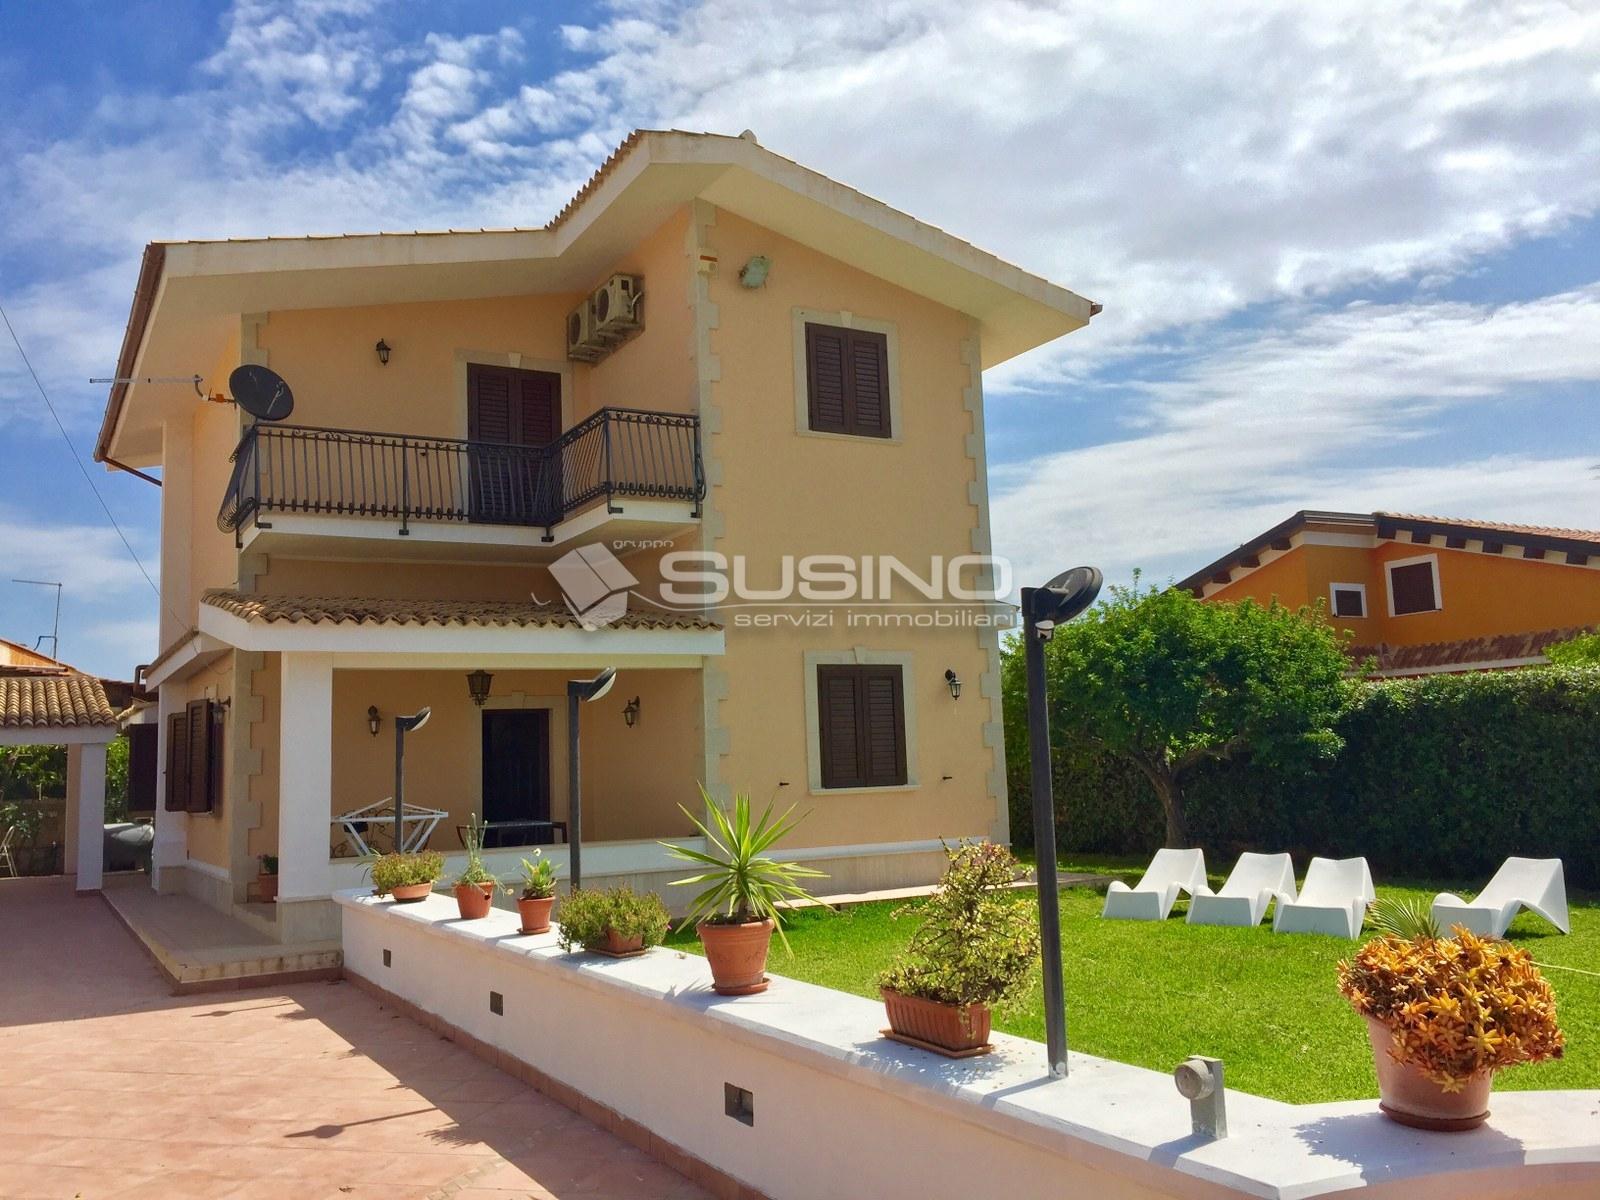 Villa in affitto a Siracusa, 5 locali, zona Località: Arenella, Trattative riservate | CambioCasa.it